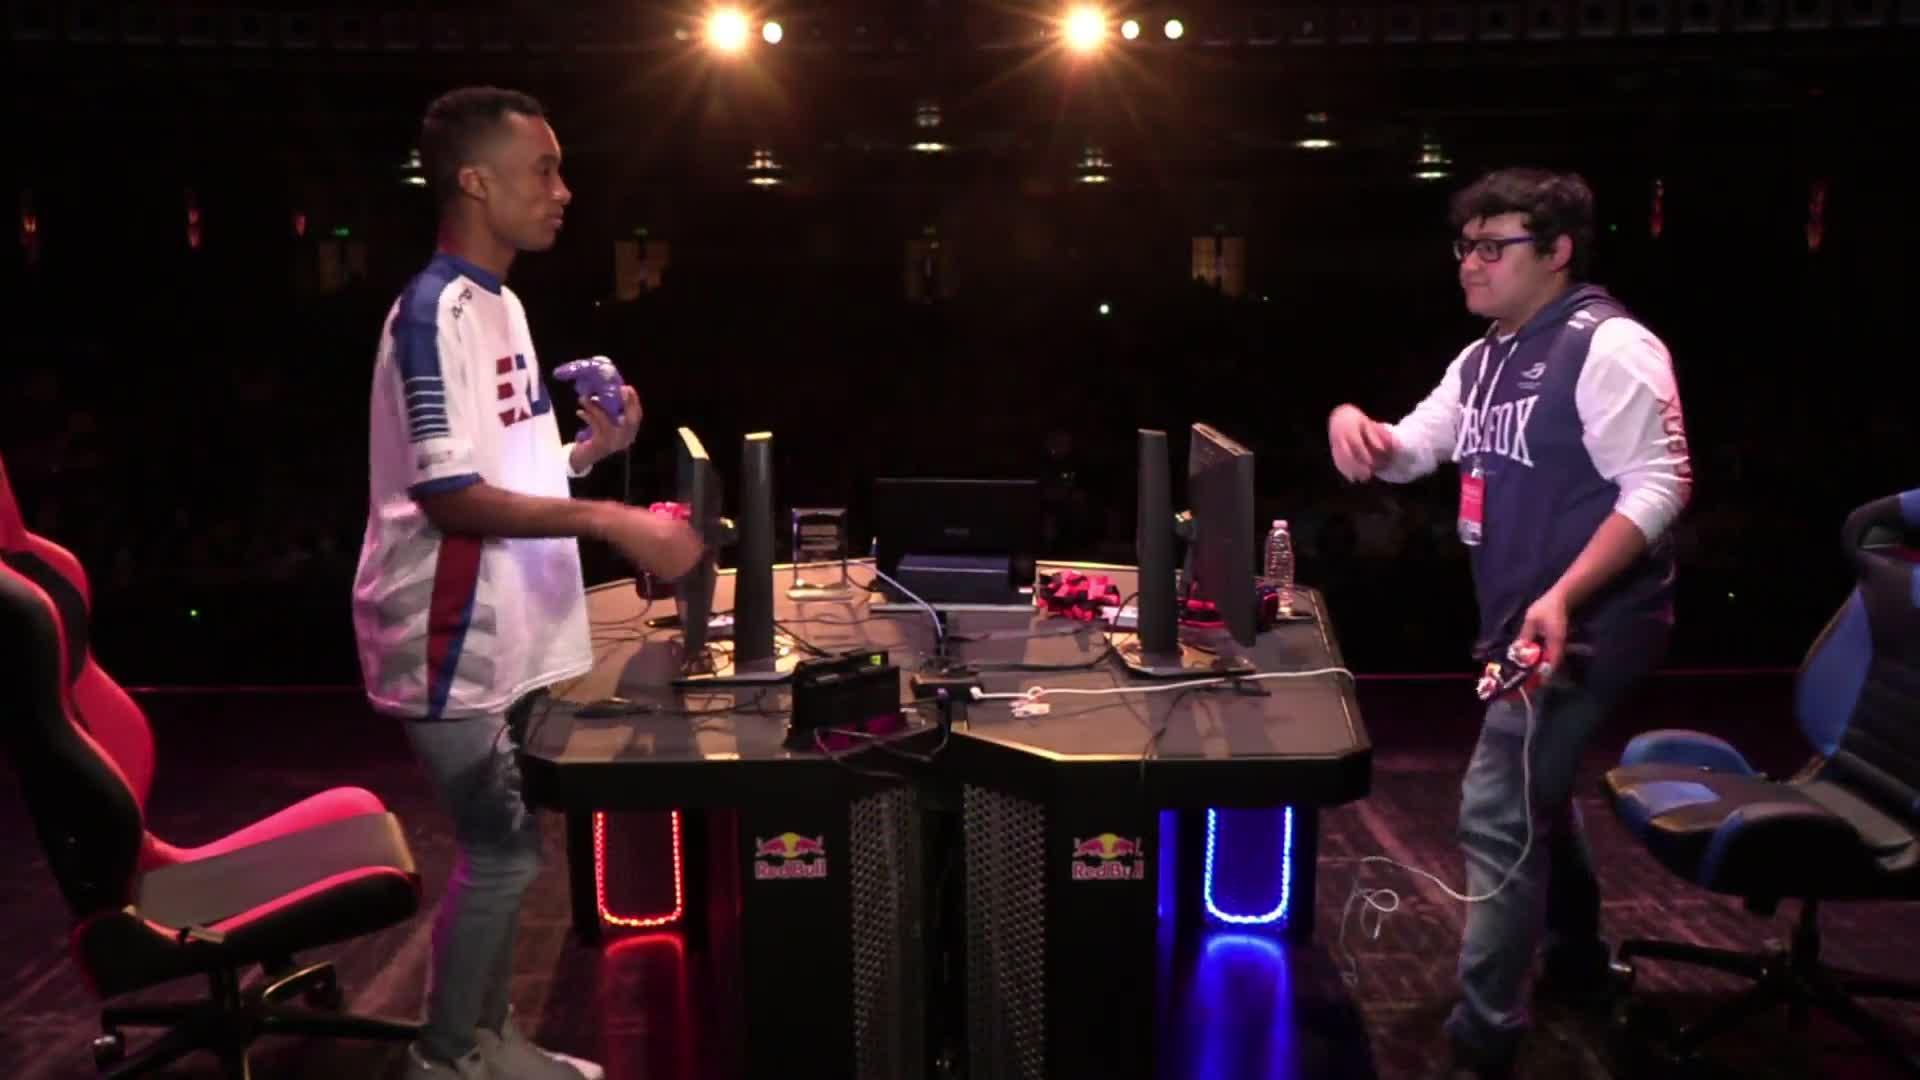 Esports Handshake GIFs